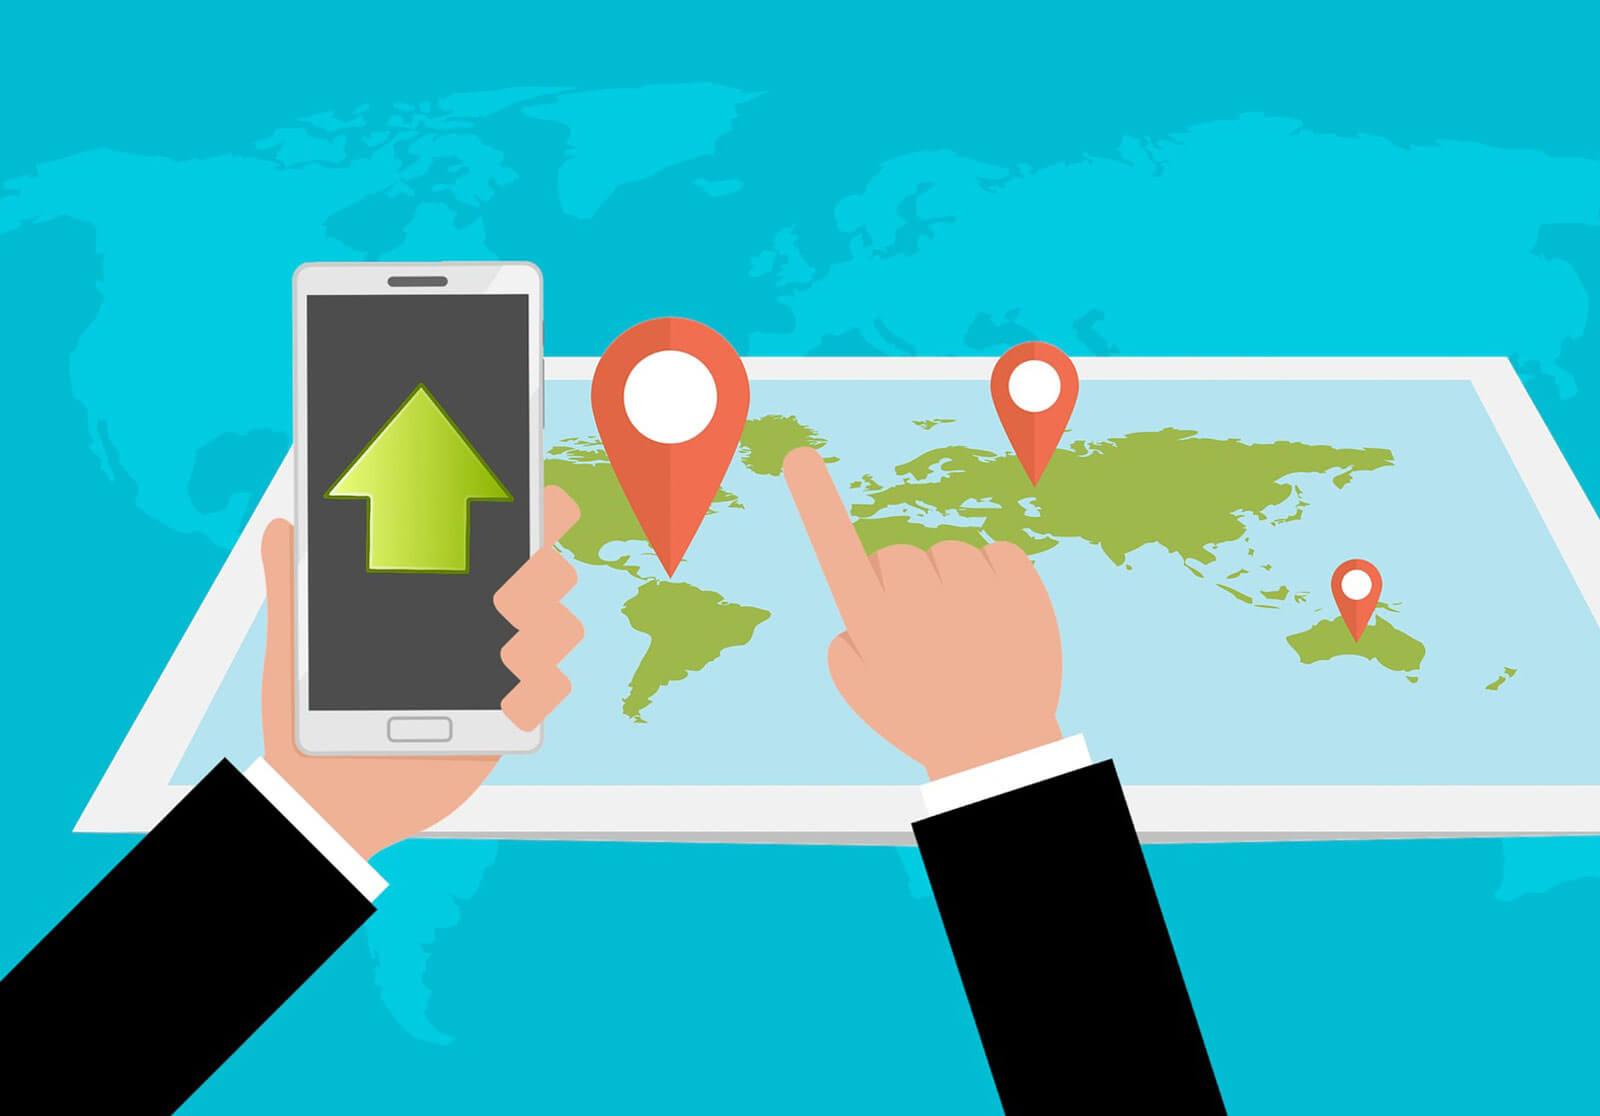 Cómo utilizar los dispositivos de geolocalización